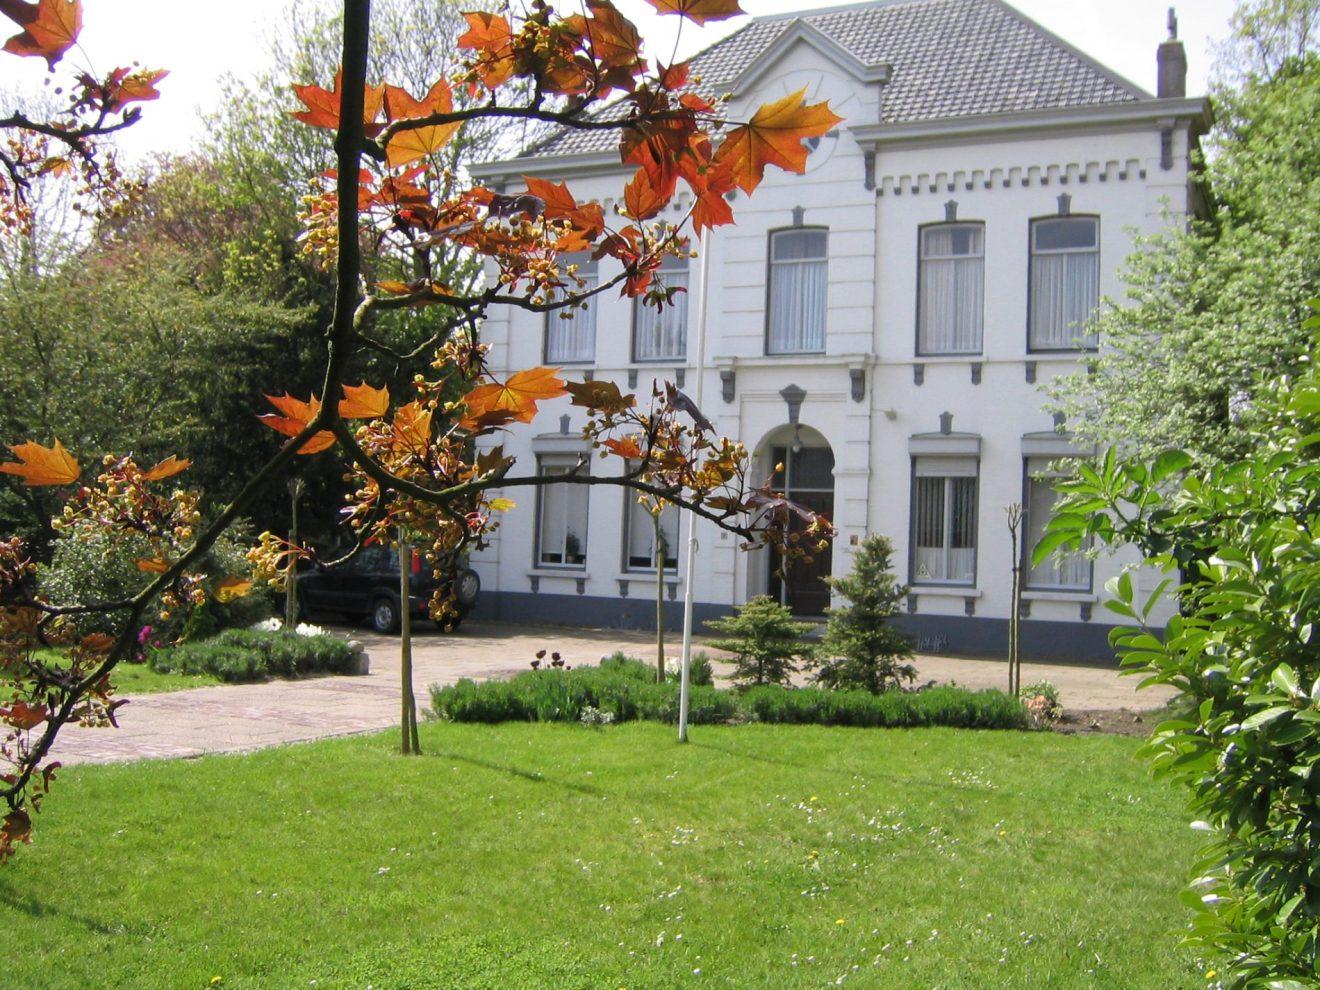 pastorie Groenendijk Kloosterzande